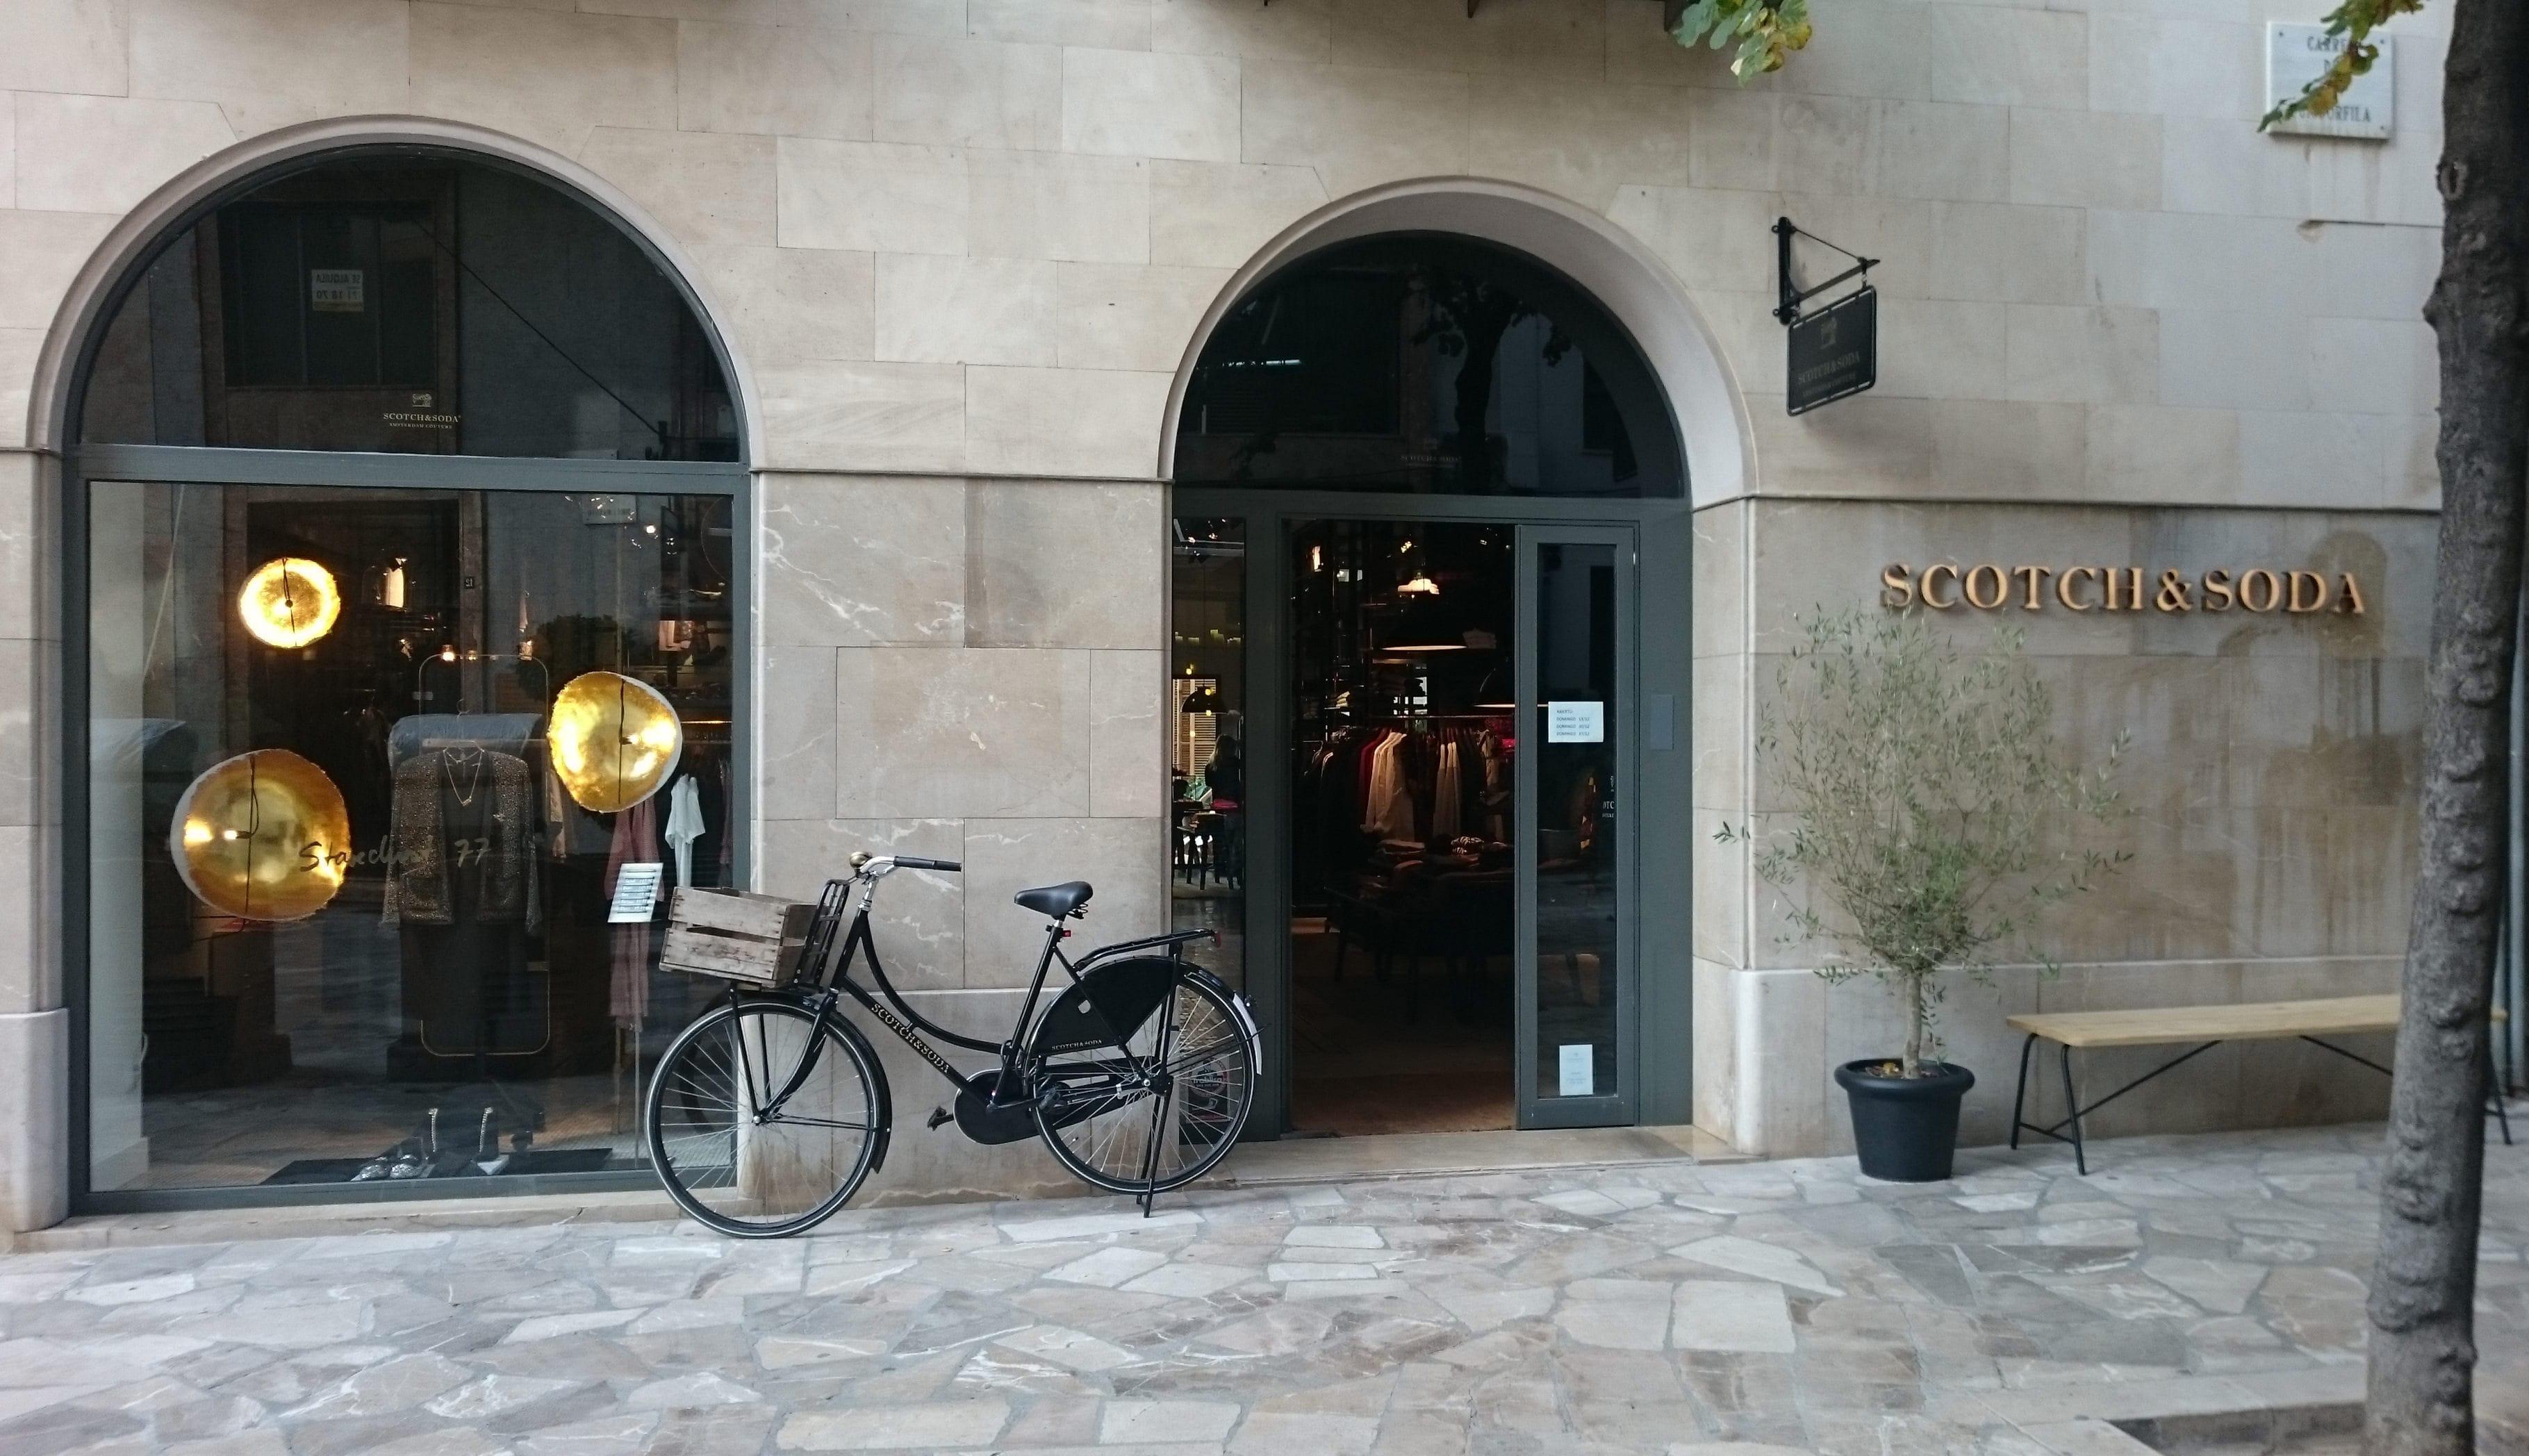 Scotch & Soda öffnet seine Türen - Alles über Mallorca